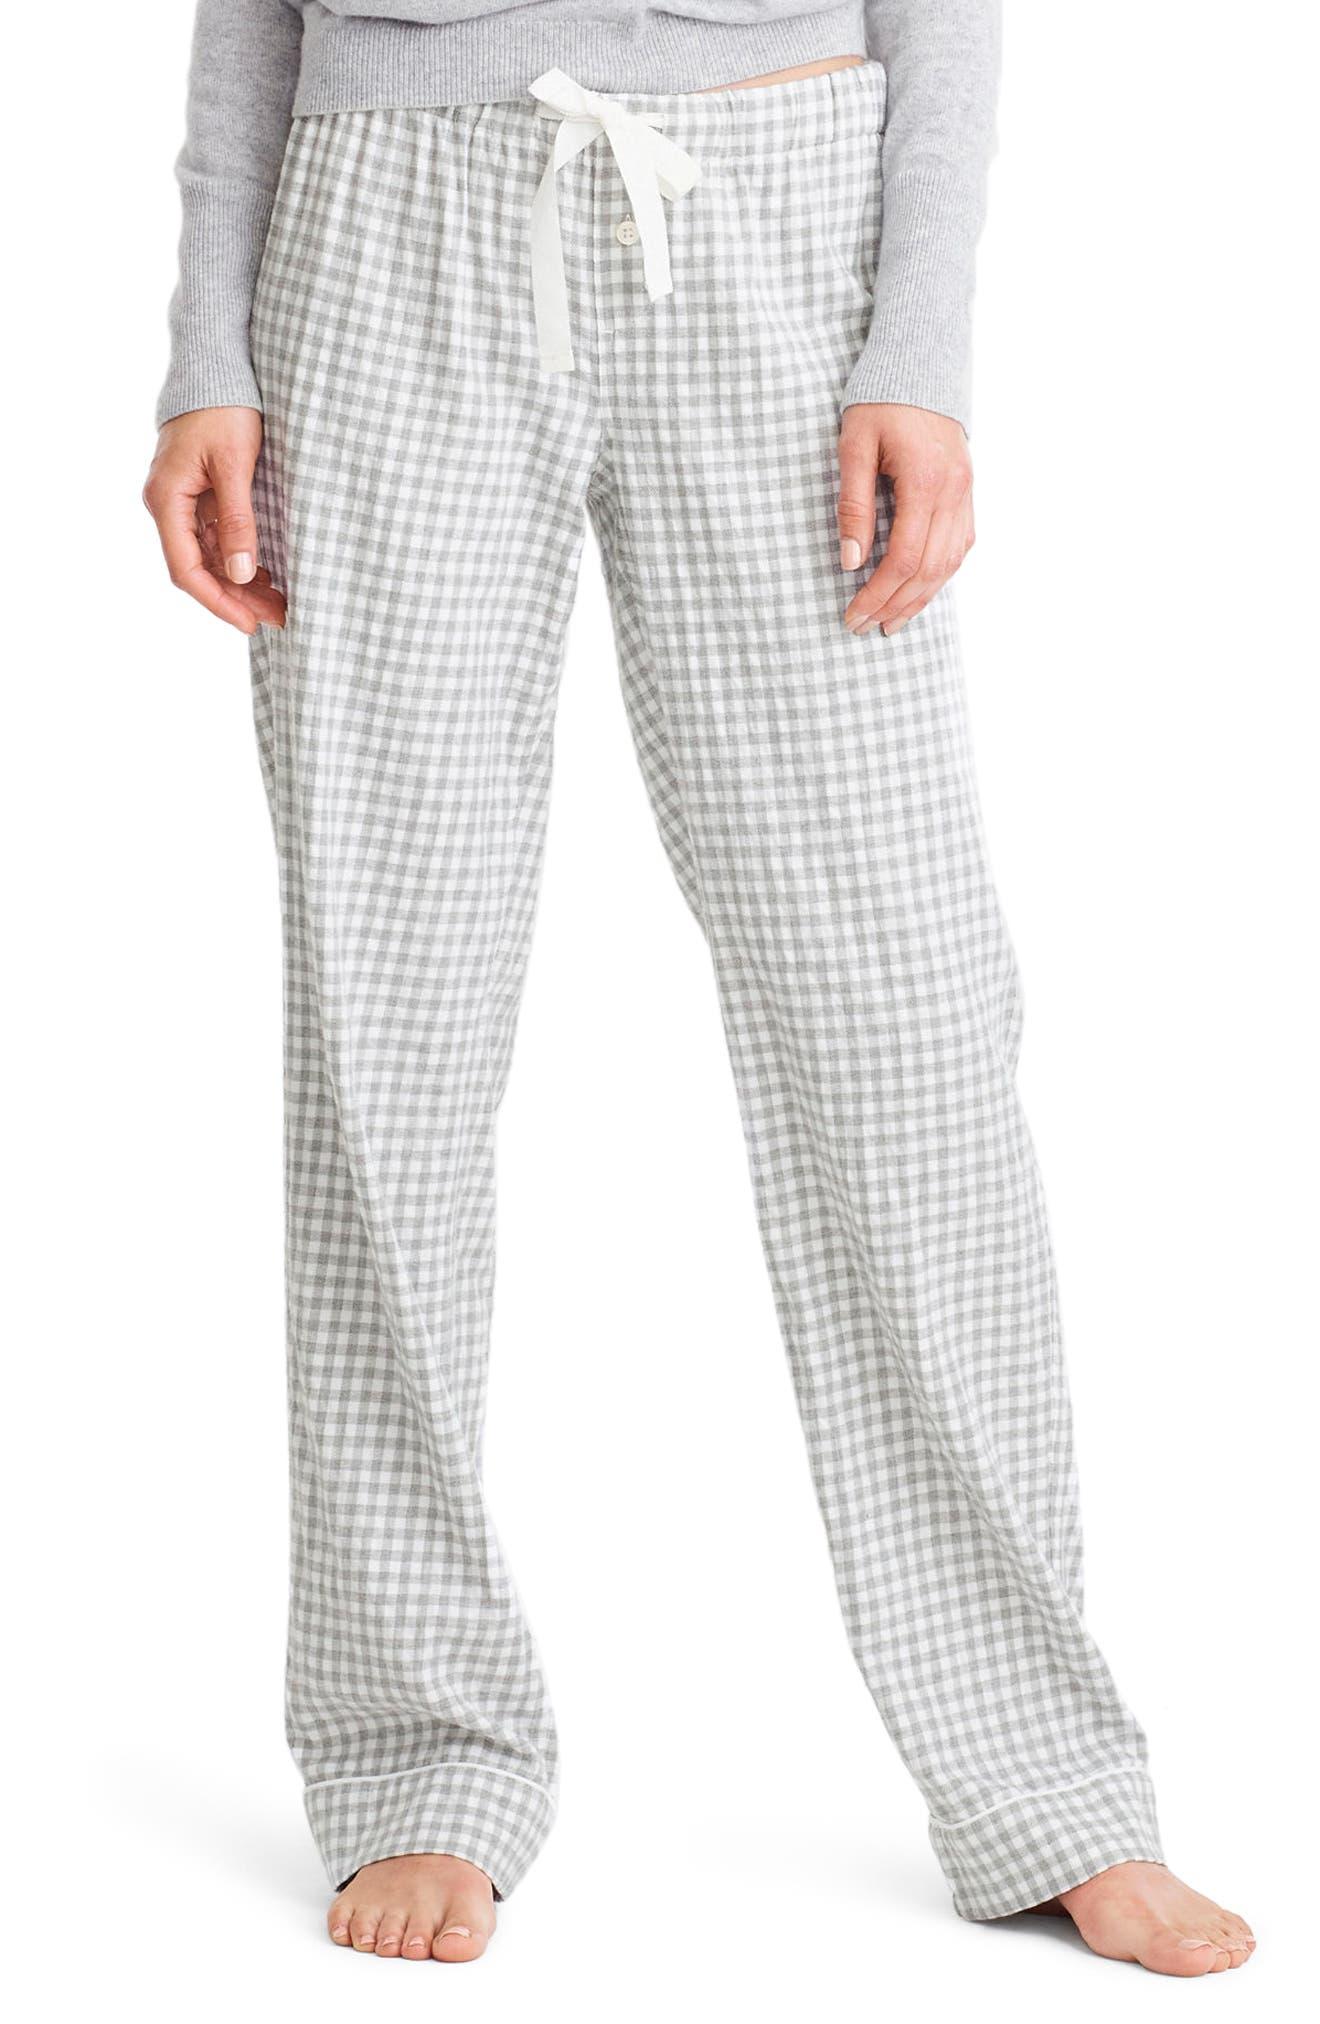 Grey Gingham Pajama Pants,                             Main thumbnail 1, color,                             020